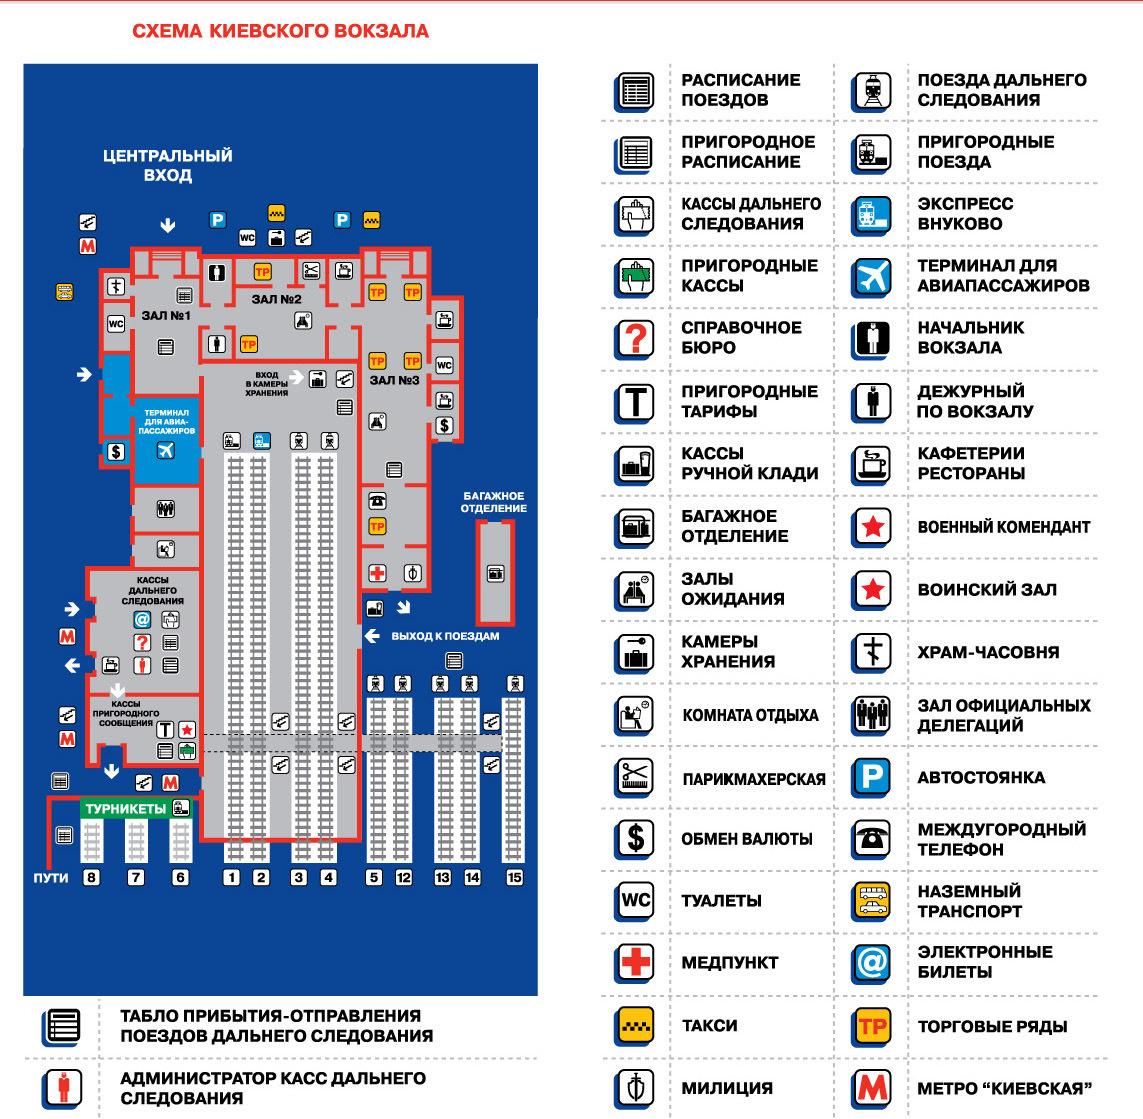 Пригородные кассы казанского вокзала схема